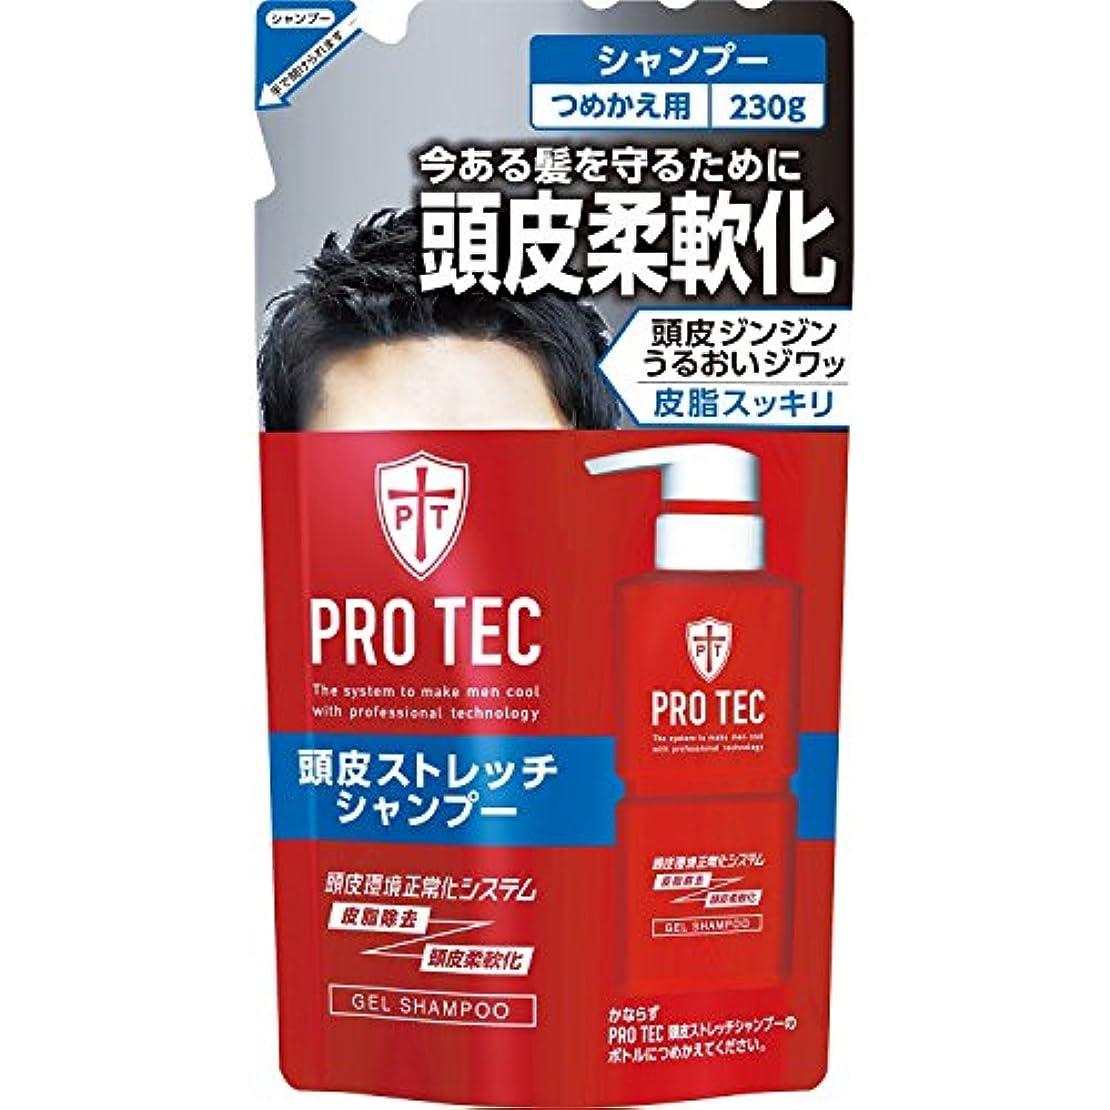 クラウンスキームダイバーPRO TEC(プロテク) 頭皮ストレッチ シャンプー 詰め替え 230g(医薬部外品)